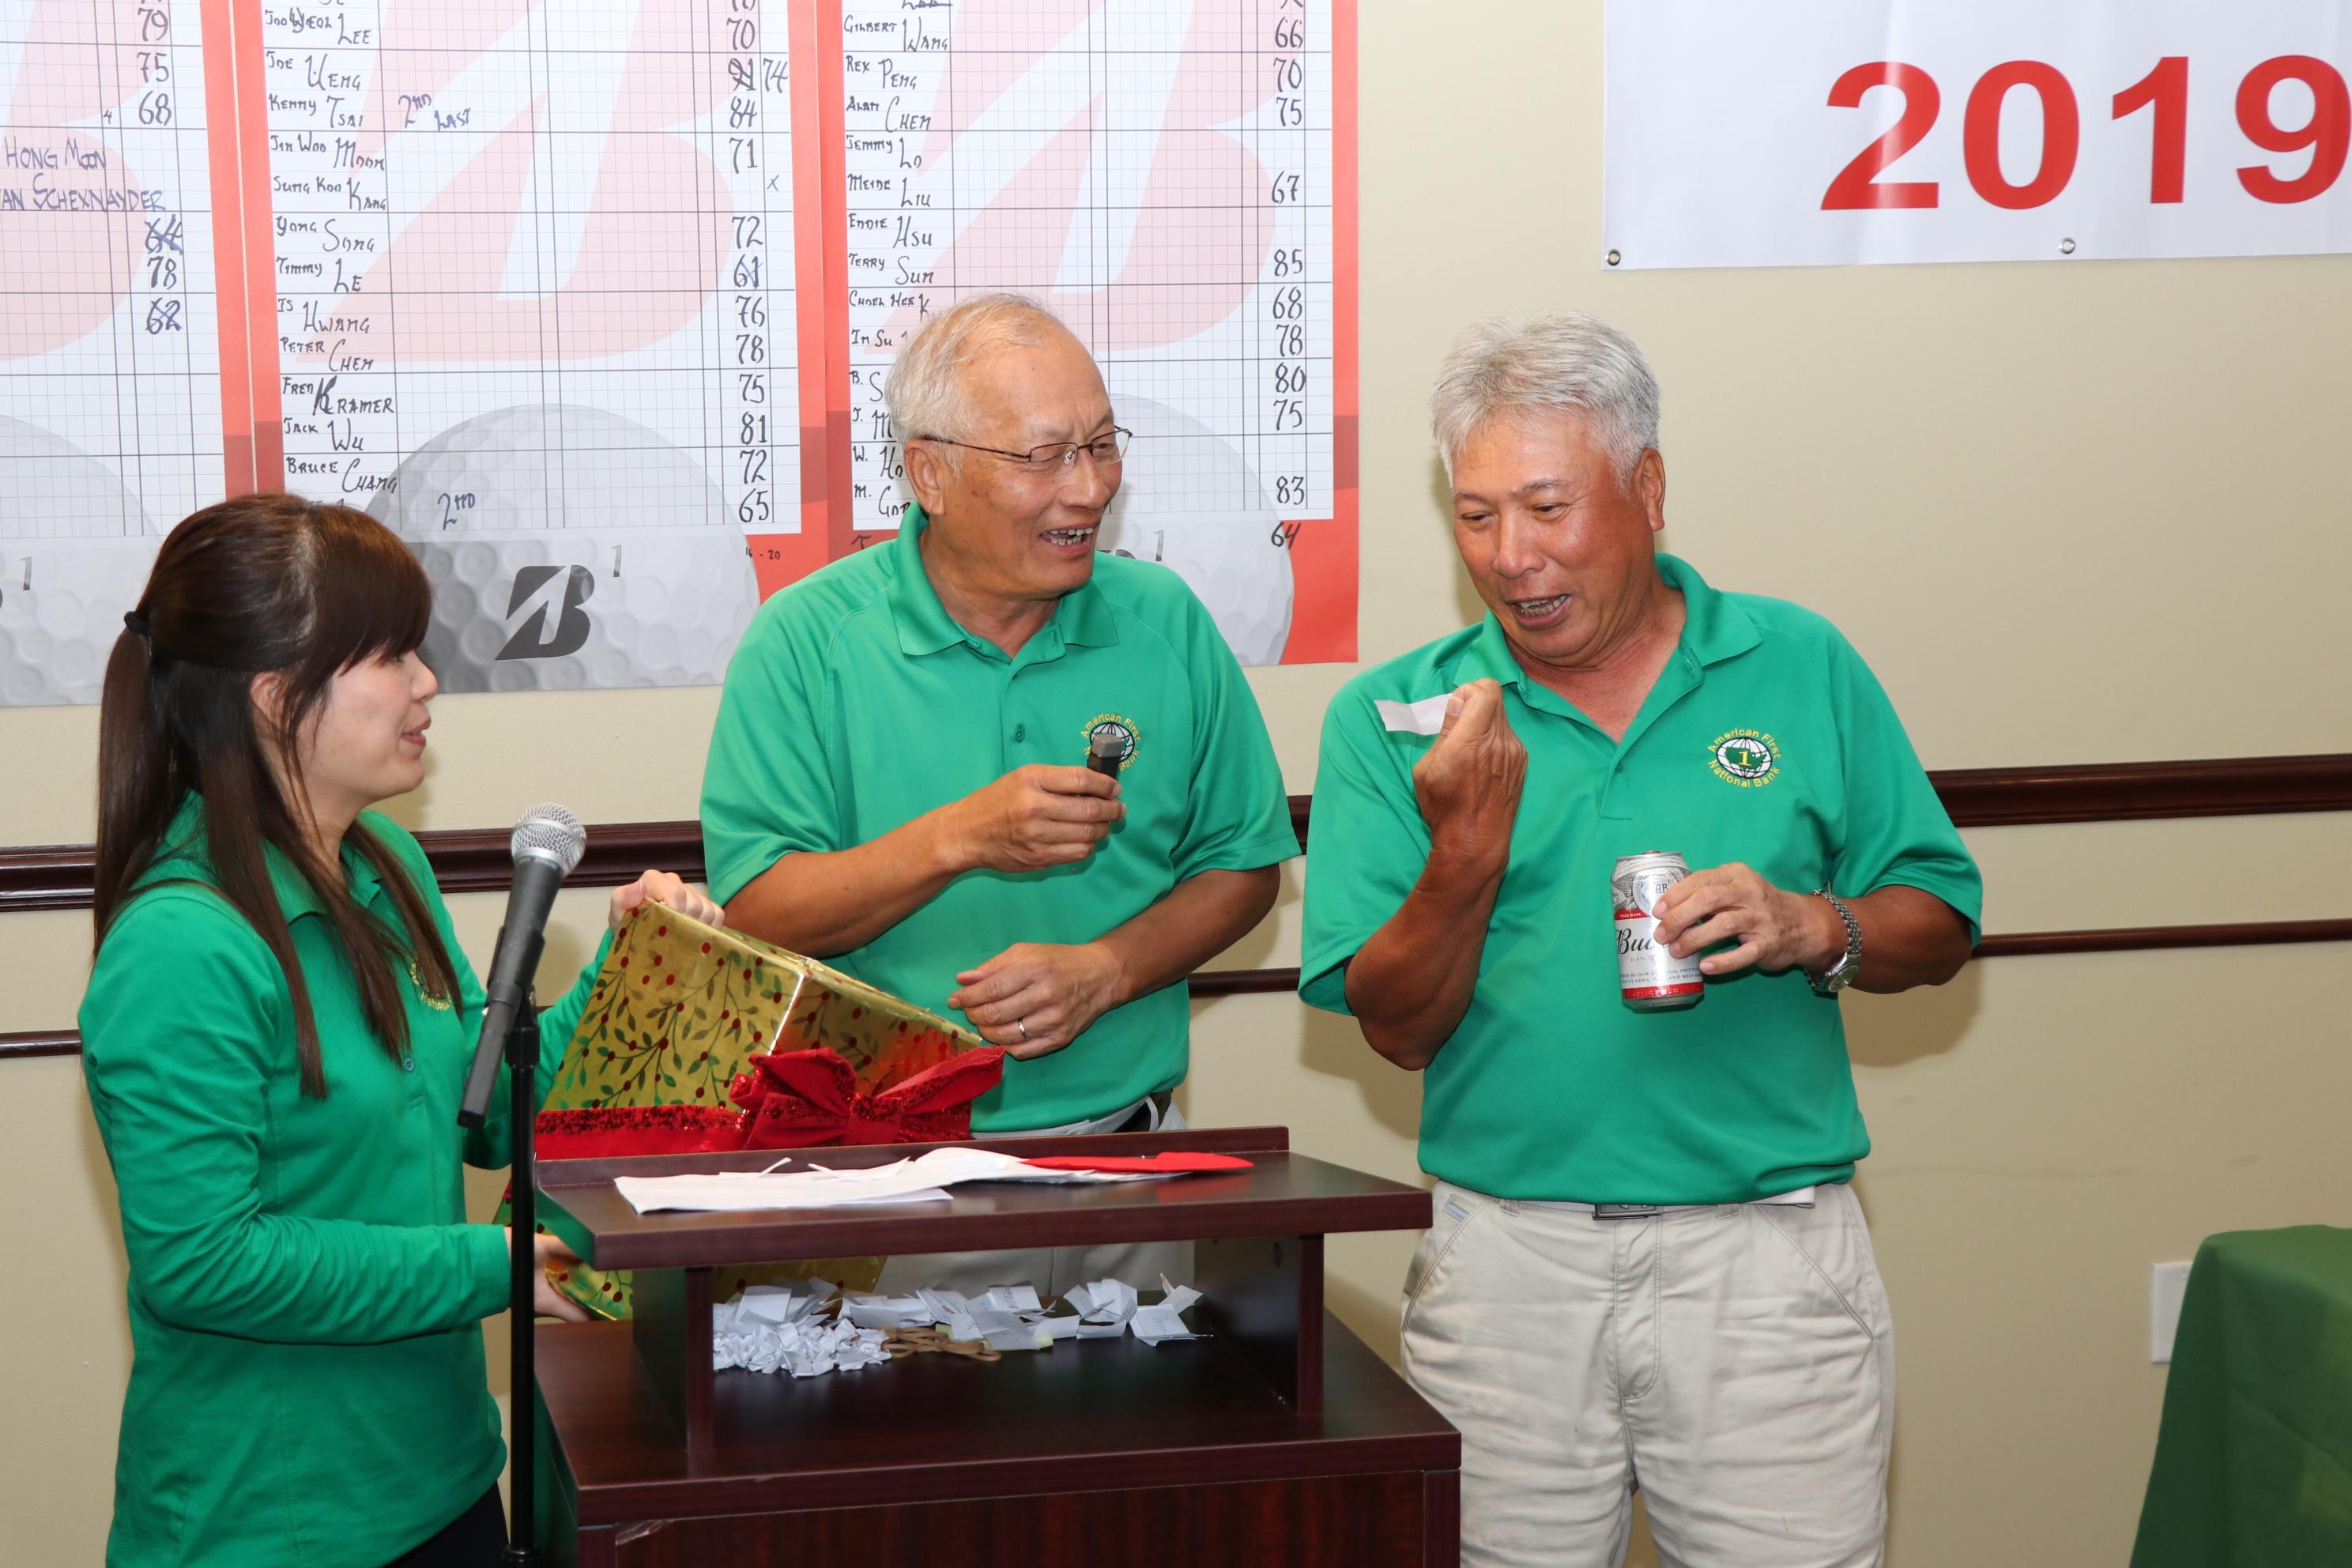 恆豐銀行董事錢武安(右)幸運抽得888.88元最大現金獎,當場大方捐出,董事長吳文龍(中)非常開心。